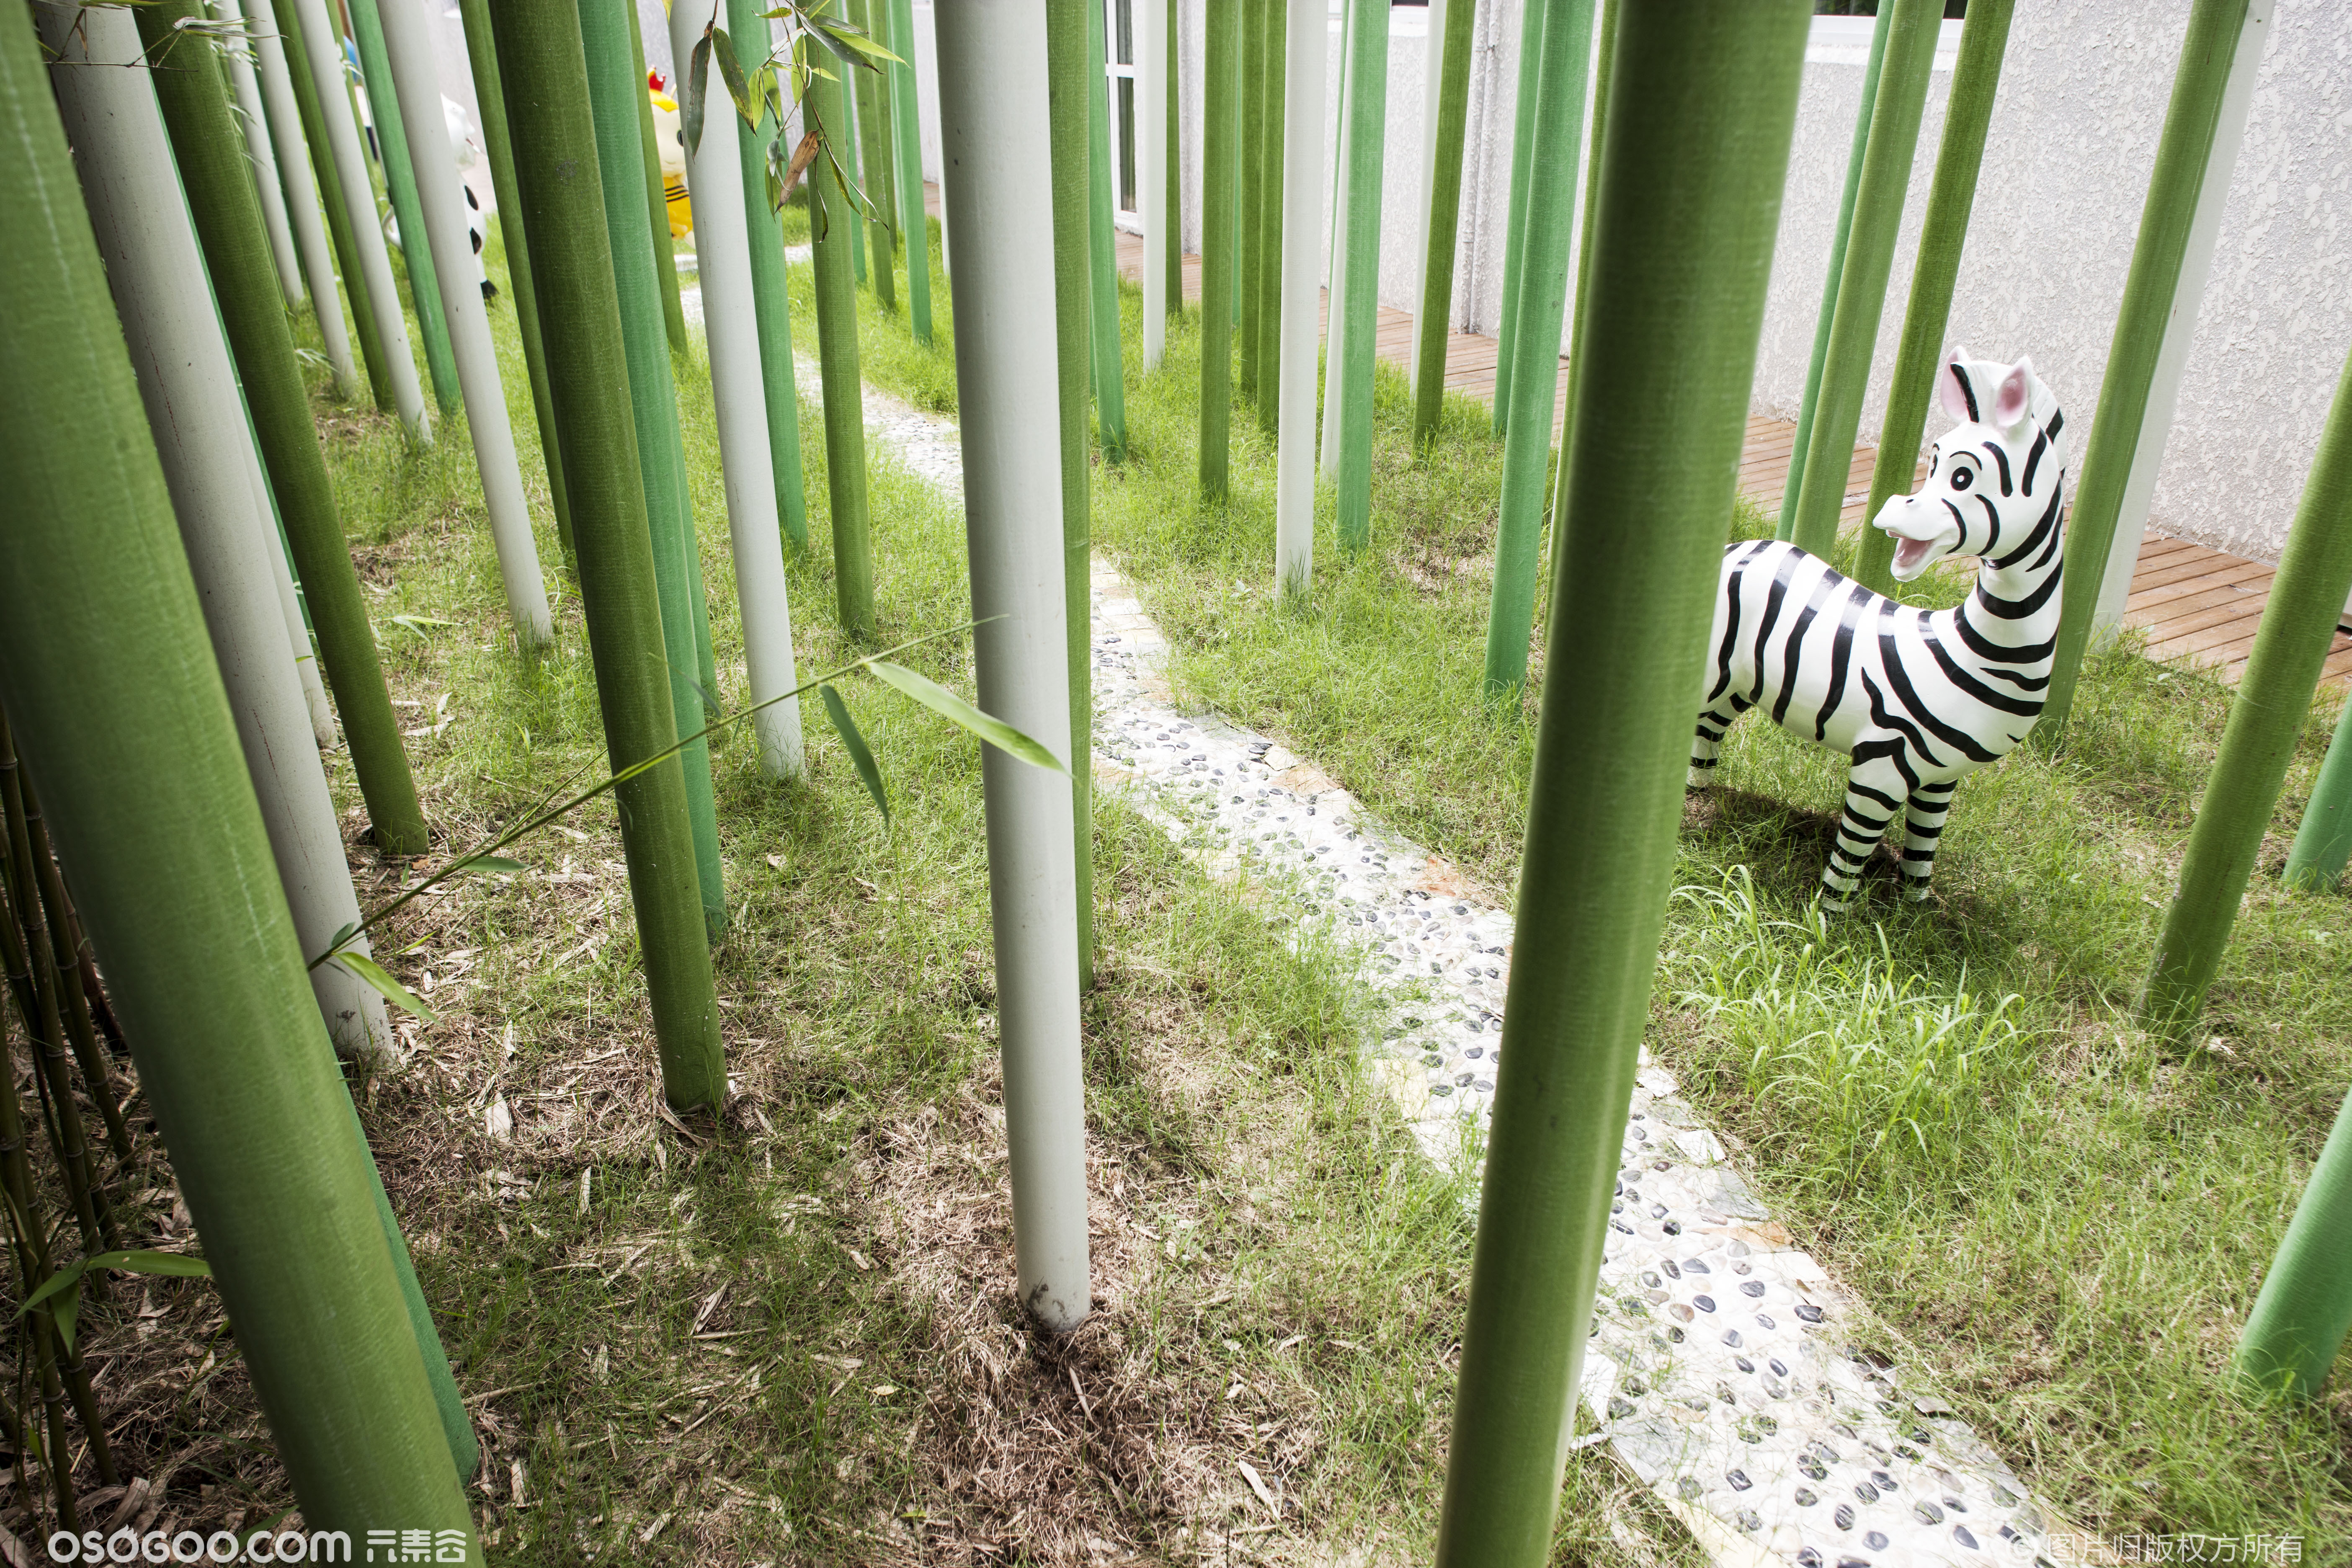 自然界幼儿园设计【GRK张晓光设计】大自然中的幼儿园